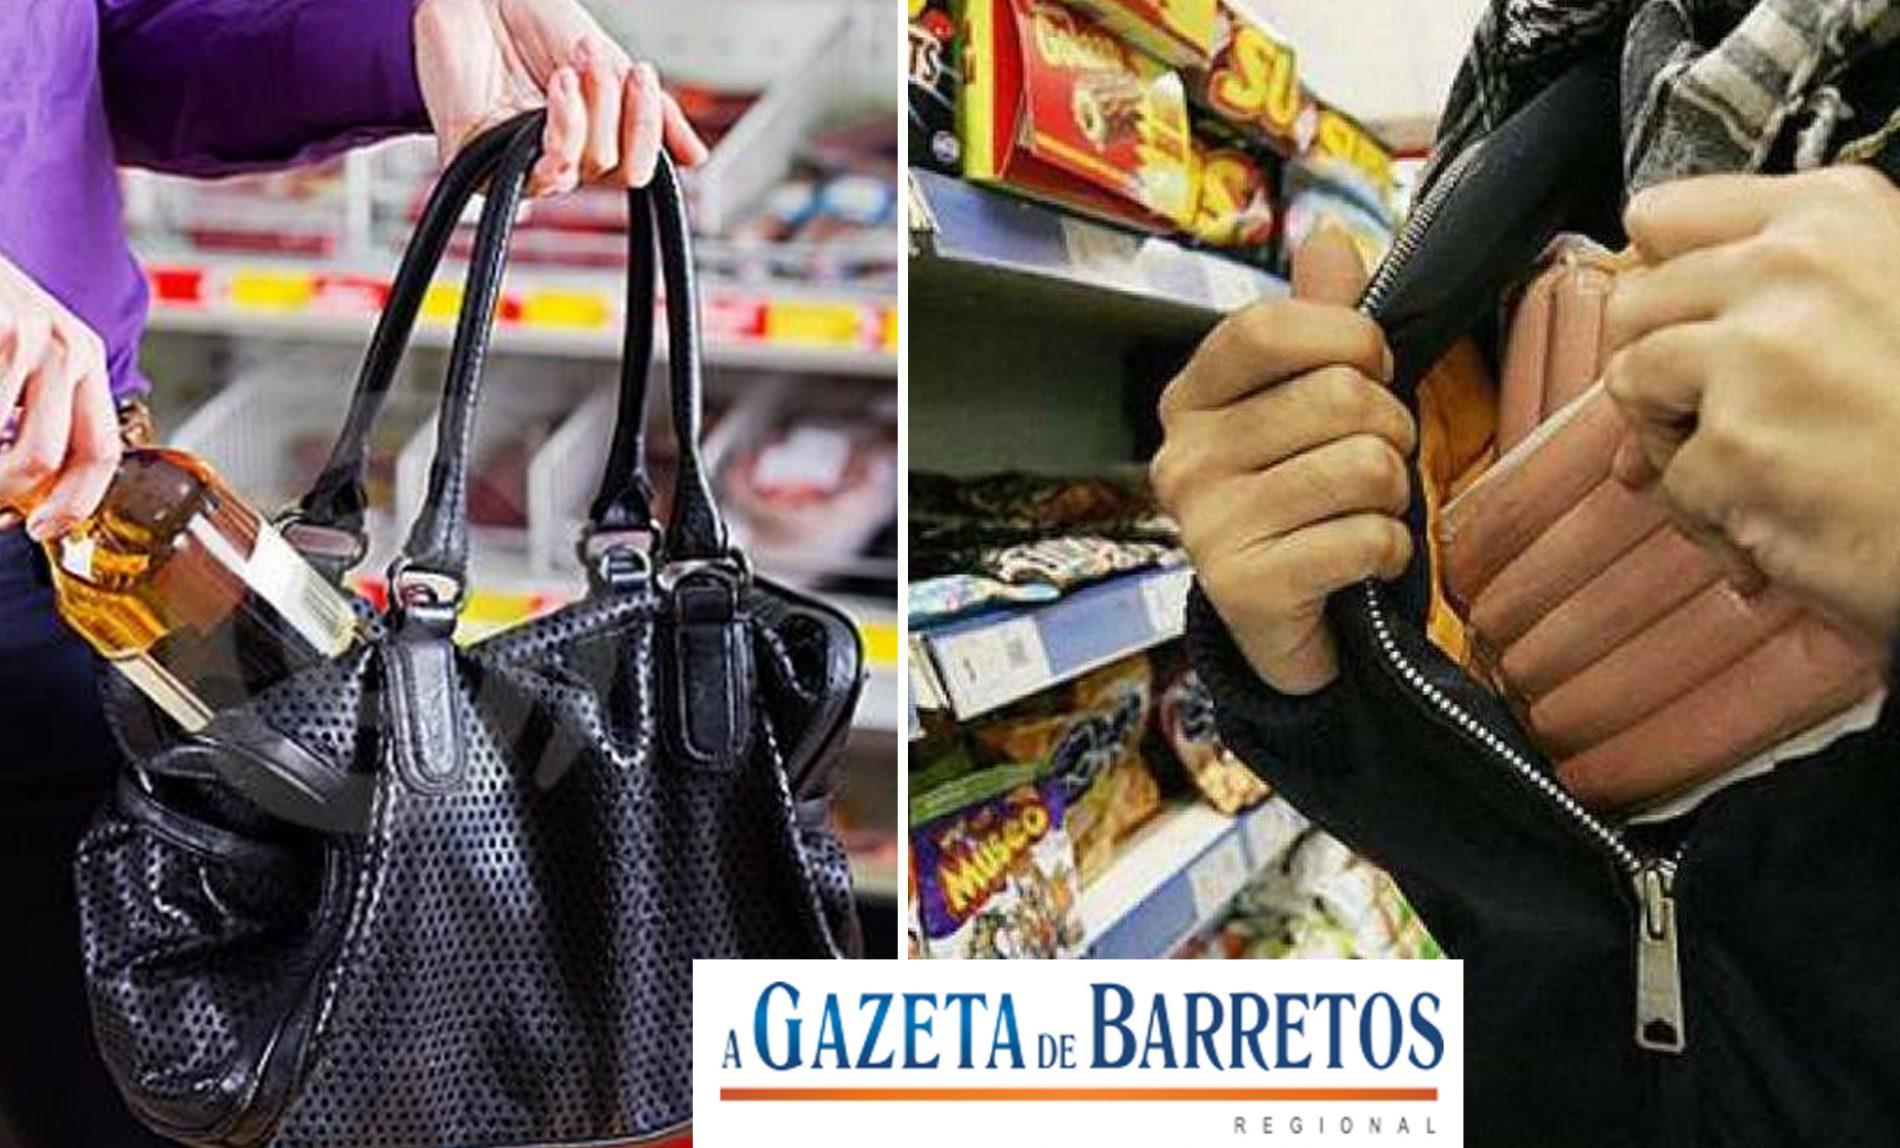 Casal é preso em flagrante furtando em supermercado